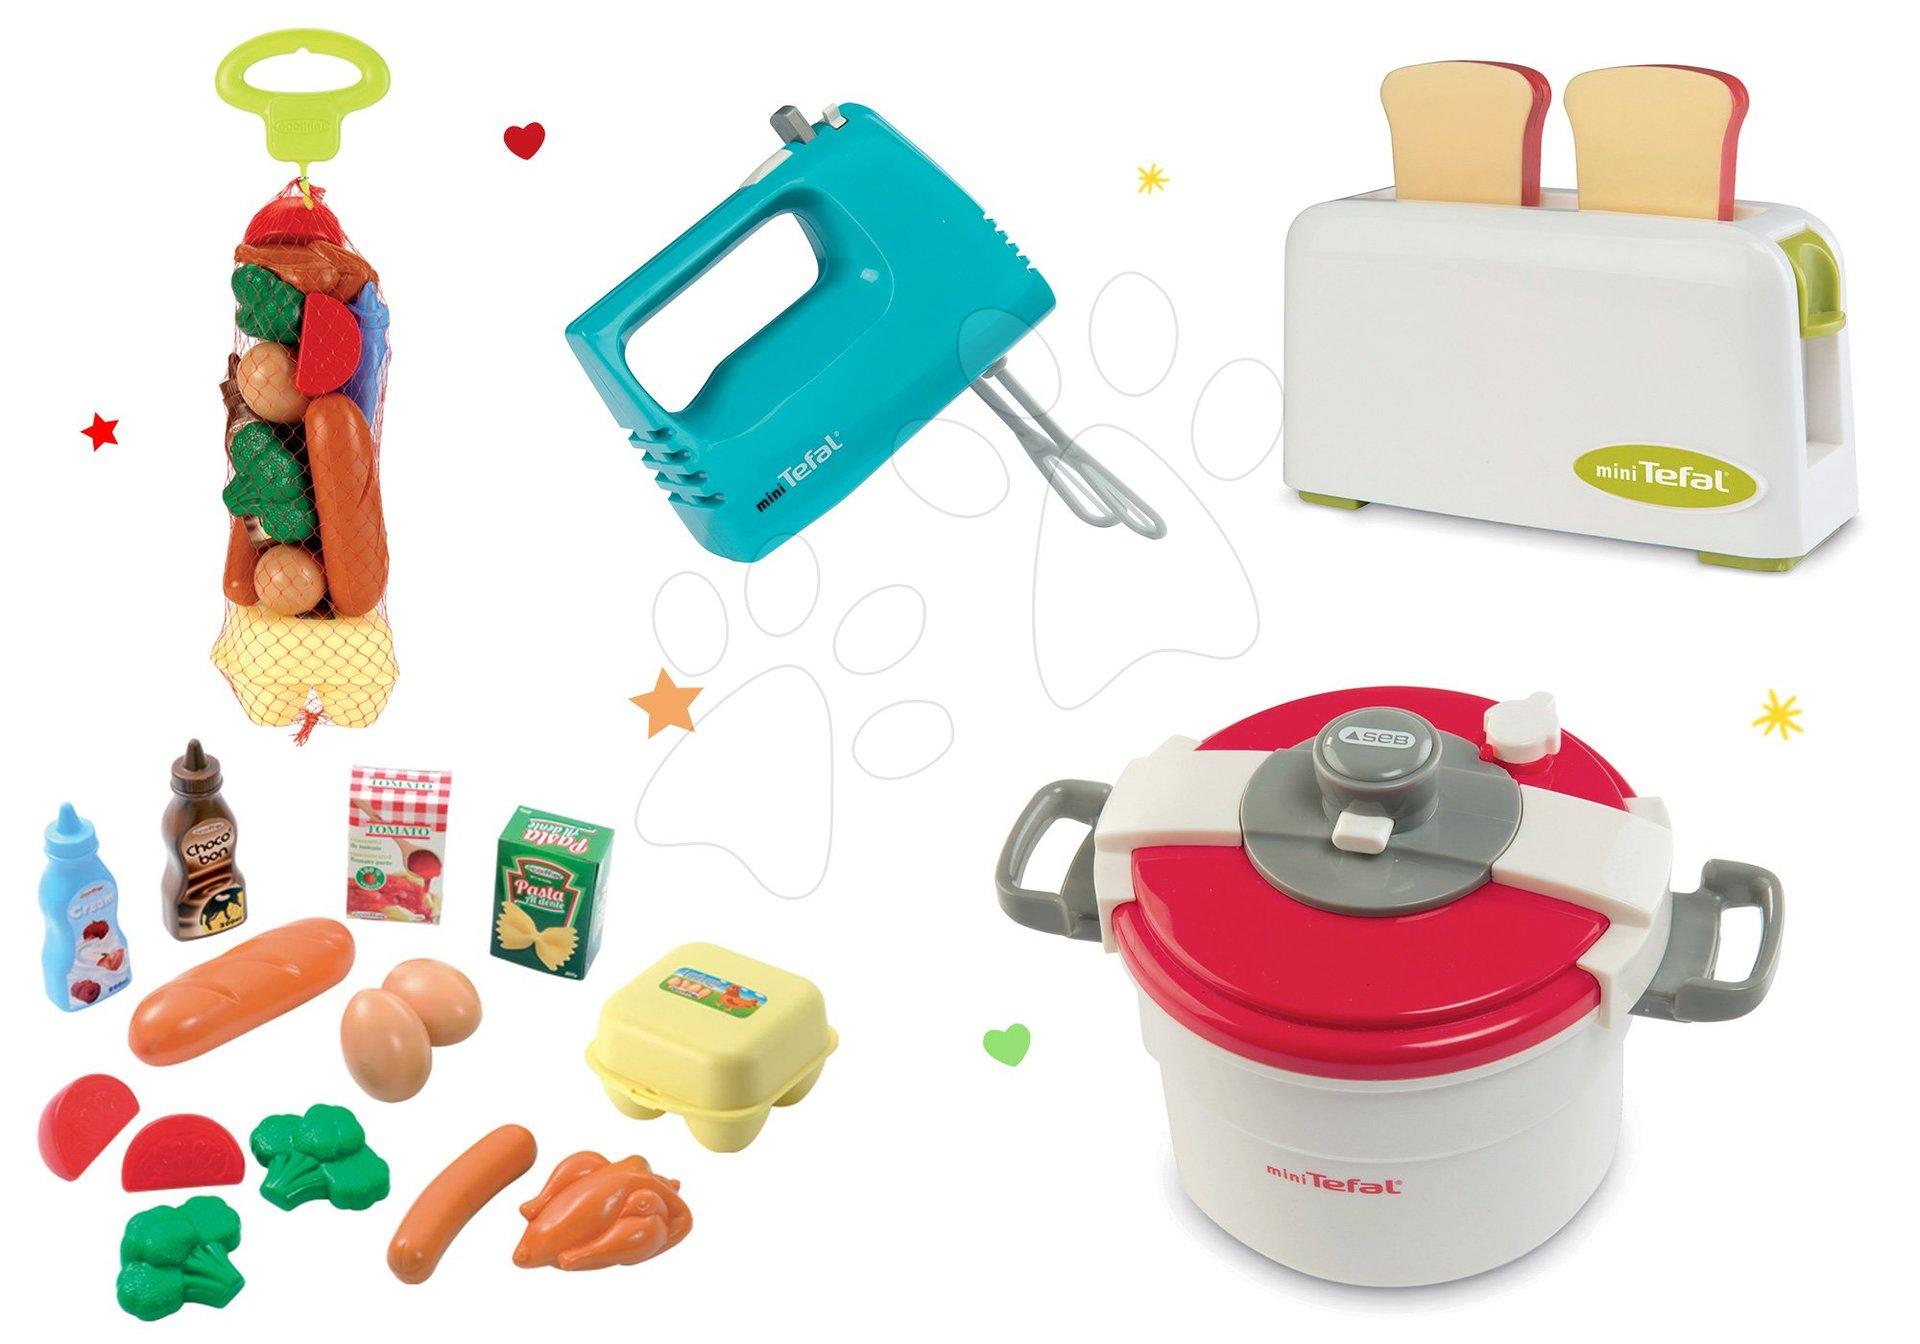 Smoby set spotrebičov: toaster, mixér, tlakový hrniec Tefal a Écoiffier potraviny 310504-6